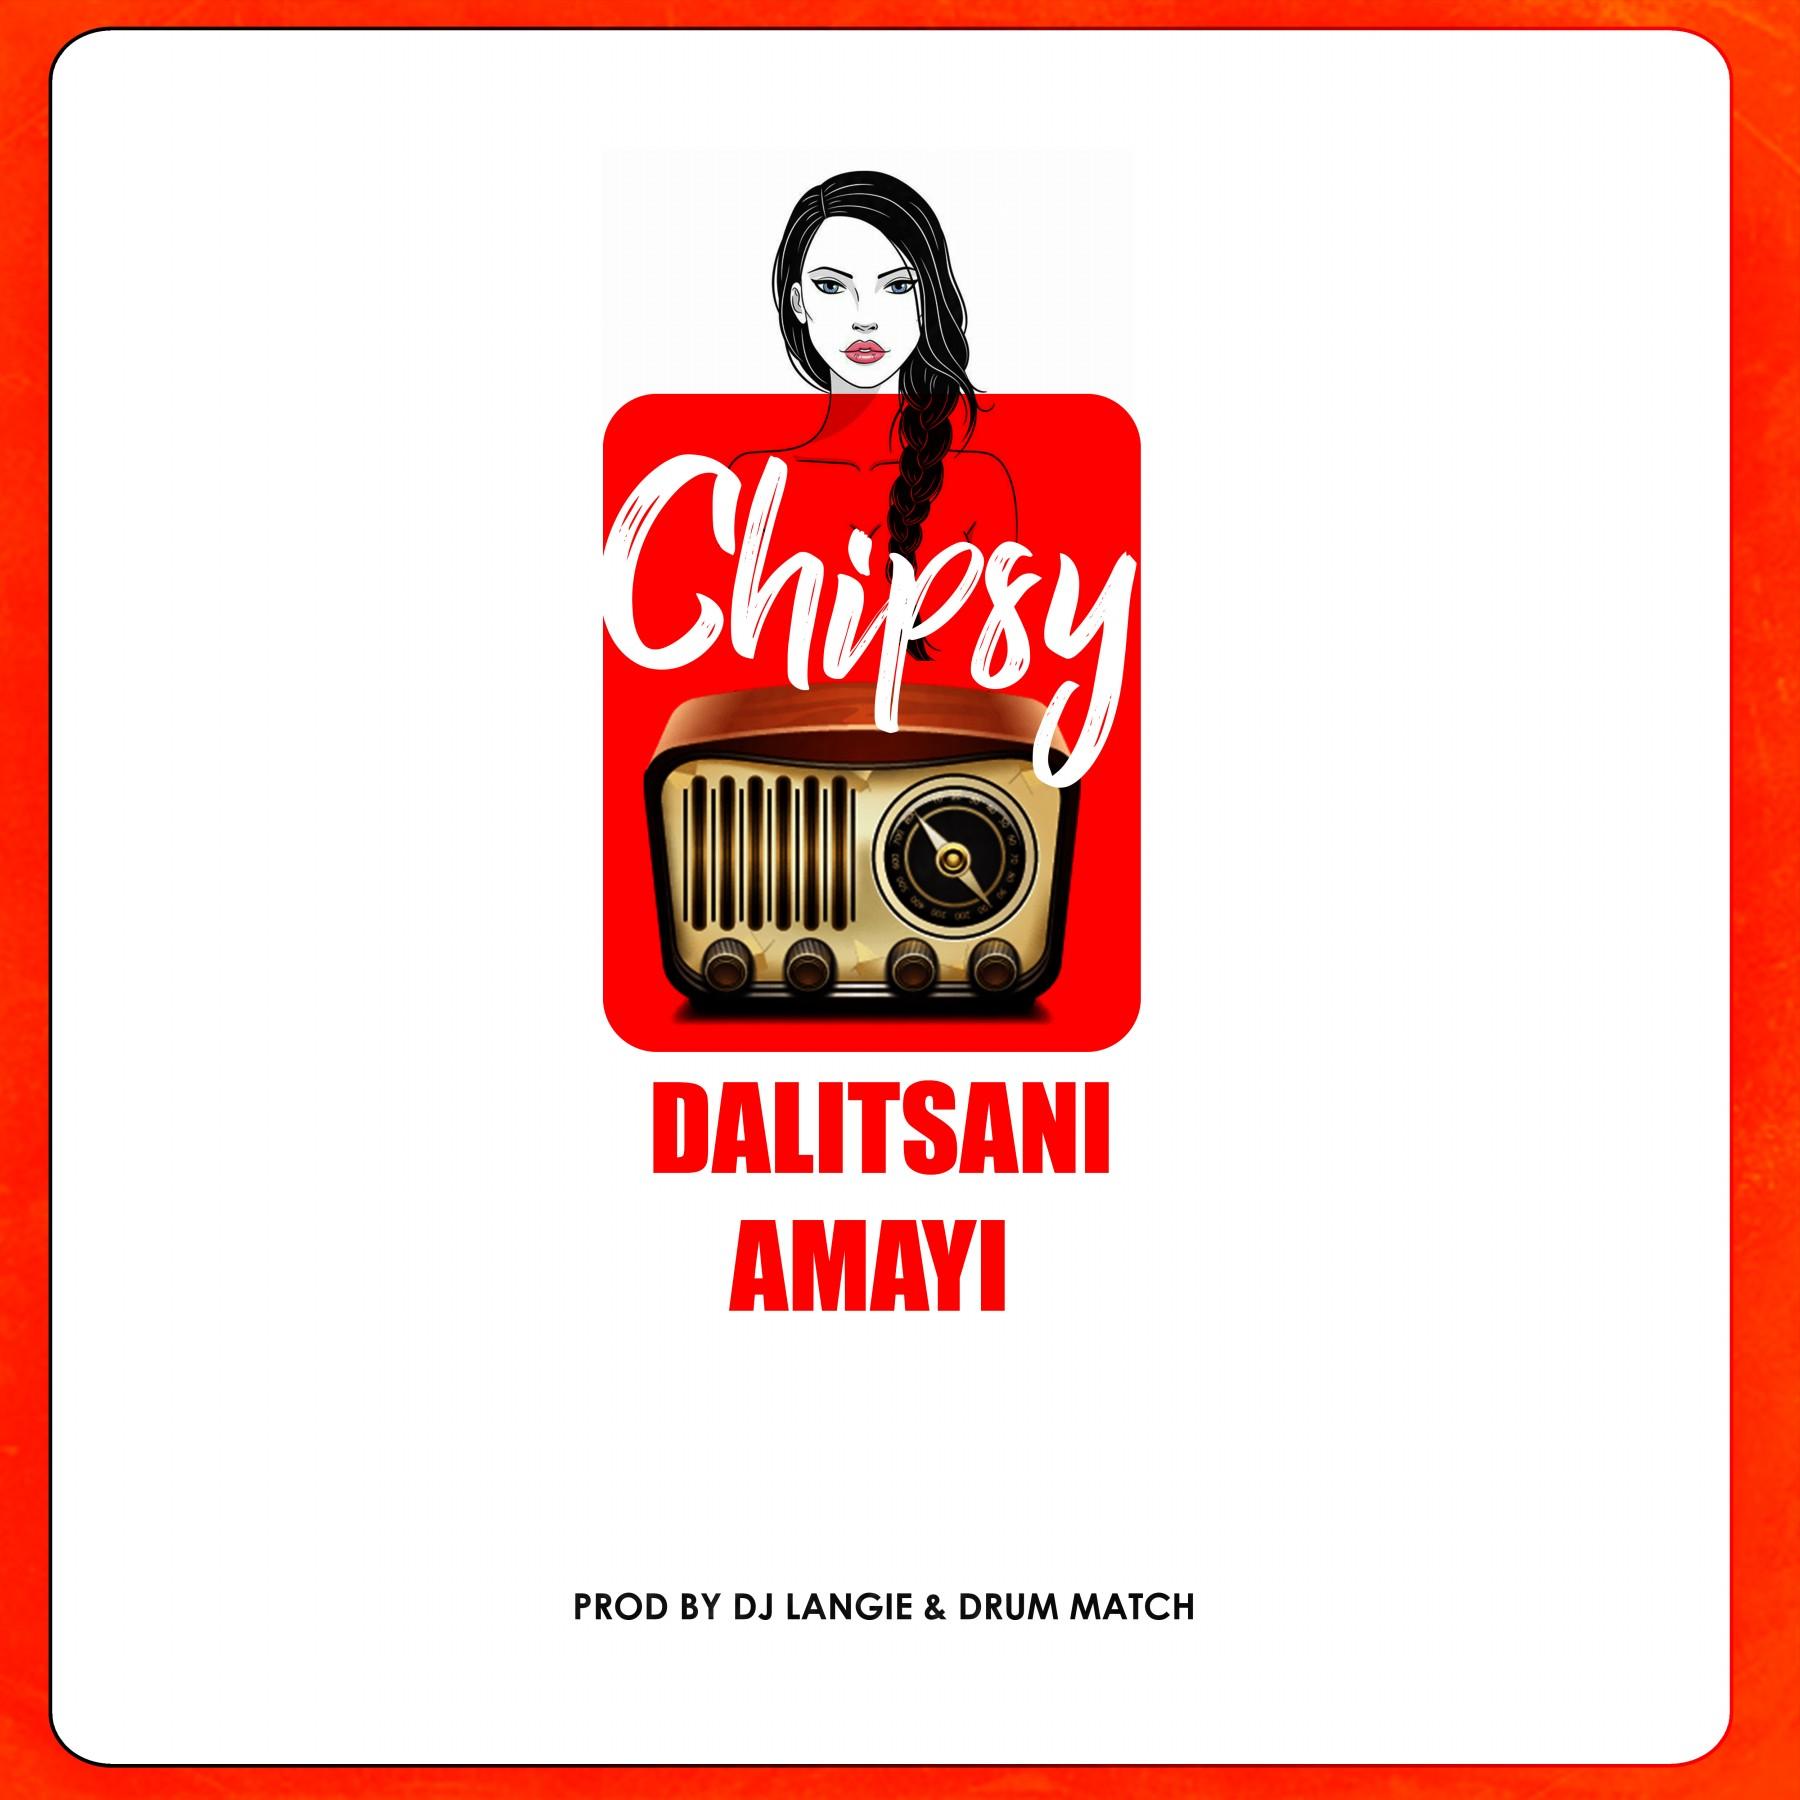 Chipsy-Dalitsani-Amayi-Prod-by-Dj-Langie-x-Drum-Match